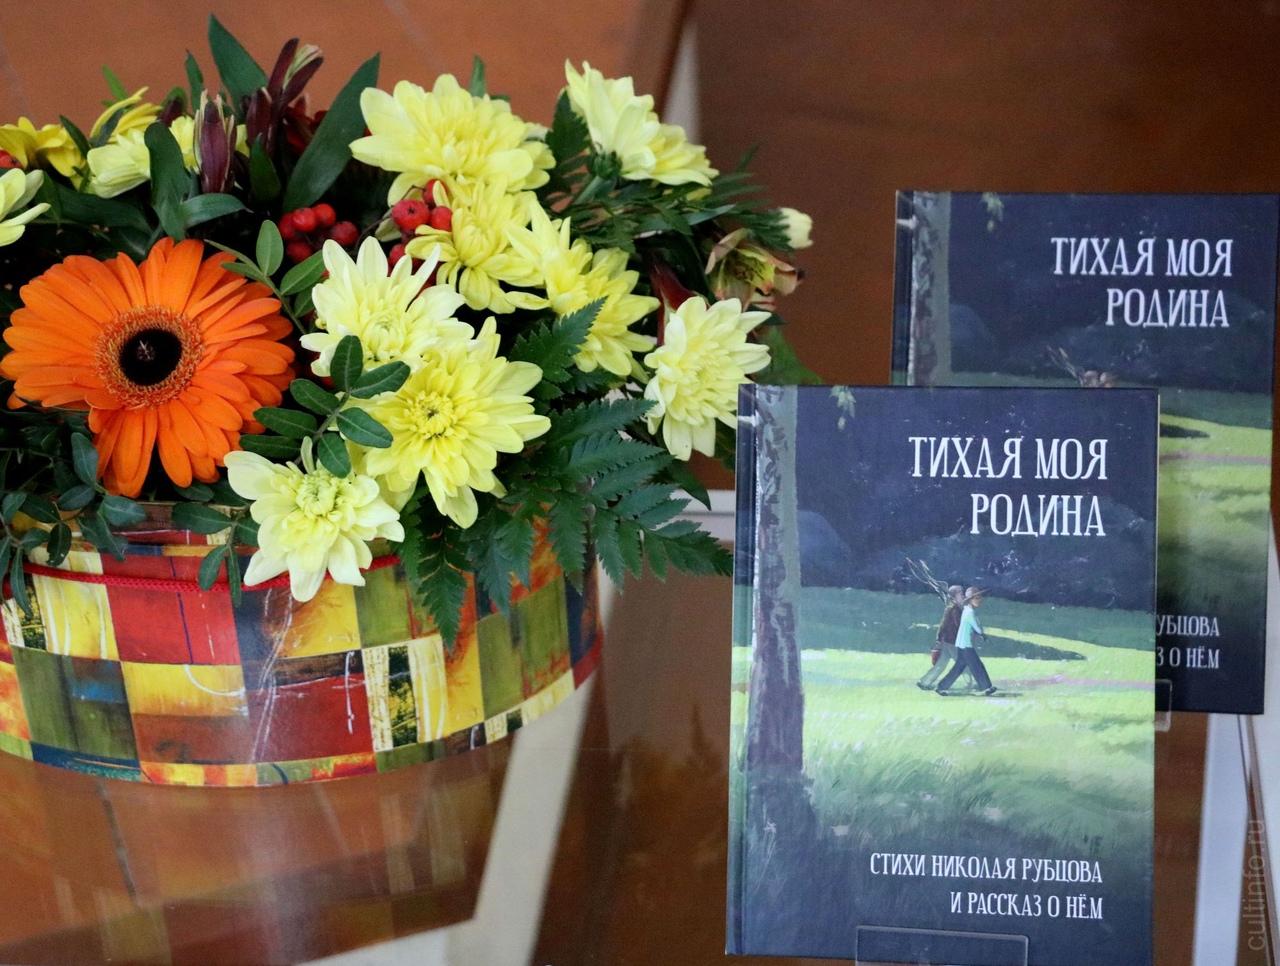 Книгу Николая Рубцова для семейного чтения «Тихая моя родина», изданную в юбилей...